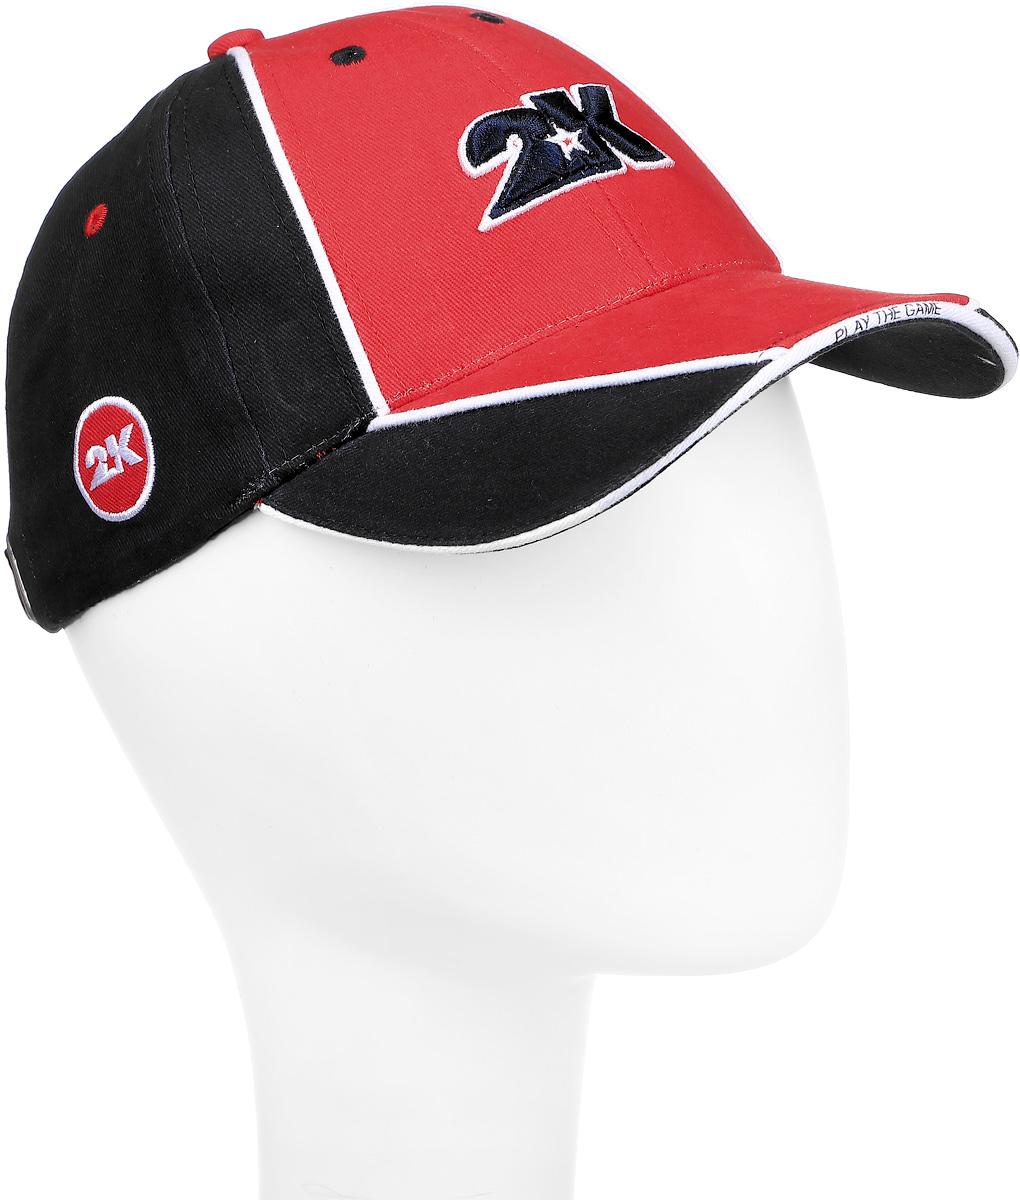 Бейсболка 2K Sport Dimaro, цвет: черный, красный, белый. 124223. Размер 58/60124223_black/red/whiteБейсболка 2K Sport Dimaro выполнена из натурального хлопка и имеет классическую панельную конструкцию. Модель с плотным козырьком оформлена объемными фирменными вышивками. Бейсболка имеет небольшие отверстия, обеспечивающие дополнительную вентиляцию. Объем бейсболки регулируется при помощи хлястика с металлической застежкой-фиксатором, оформленной гравировкой.